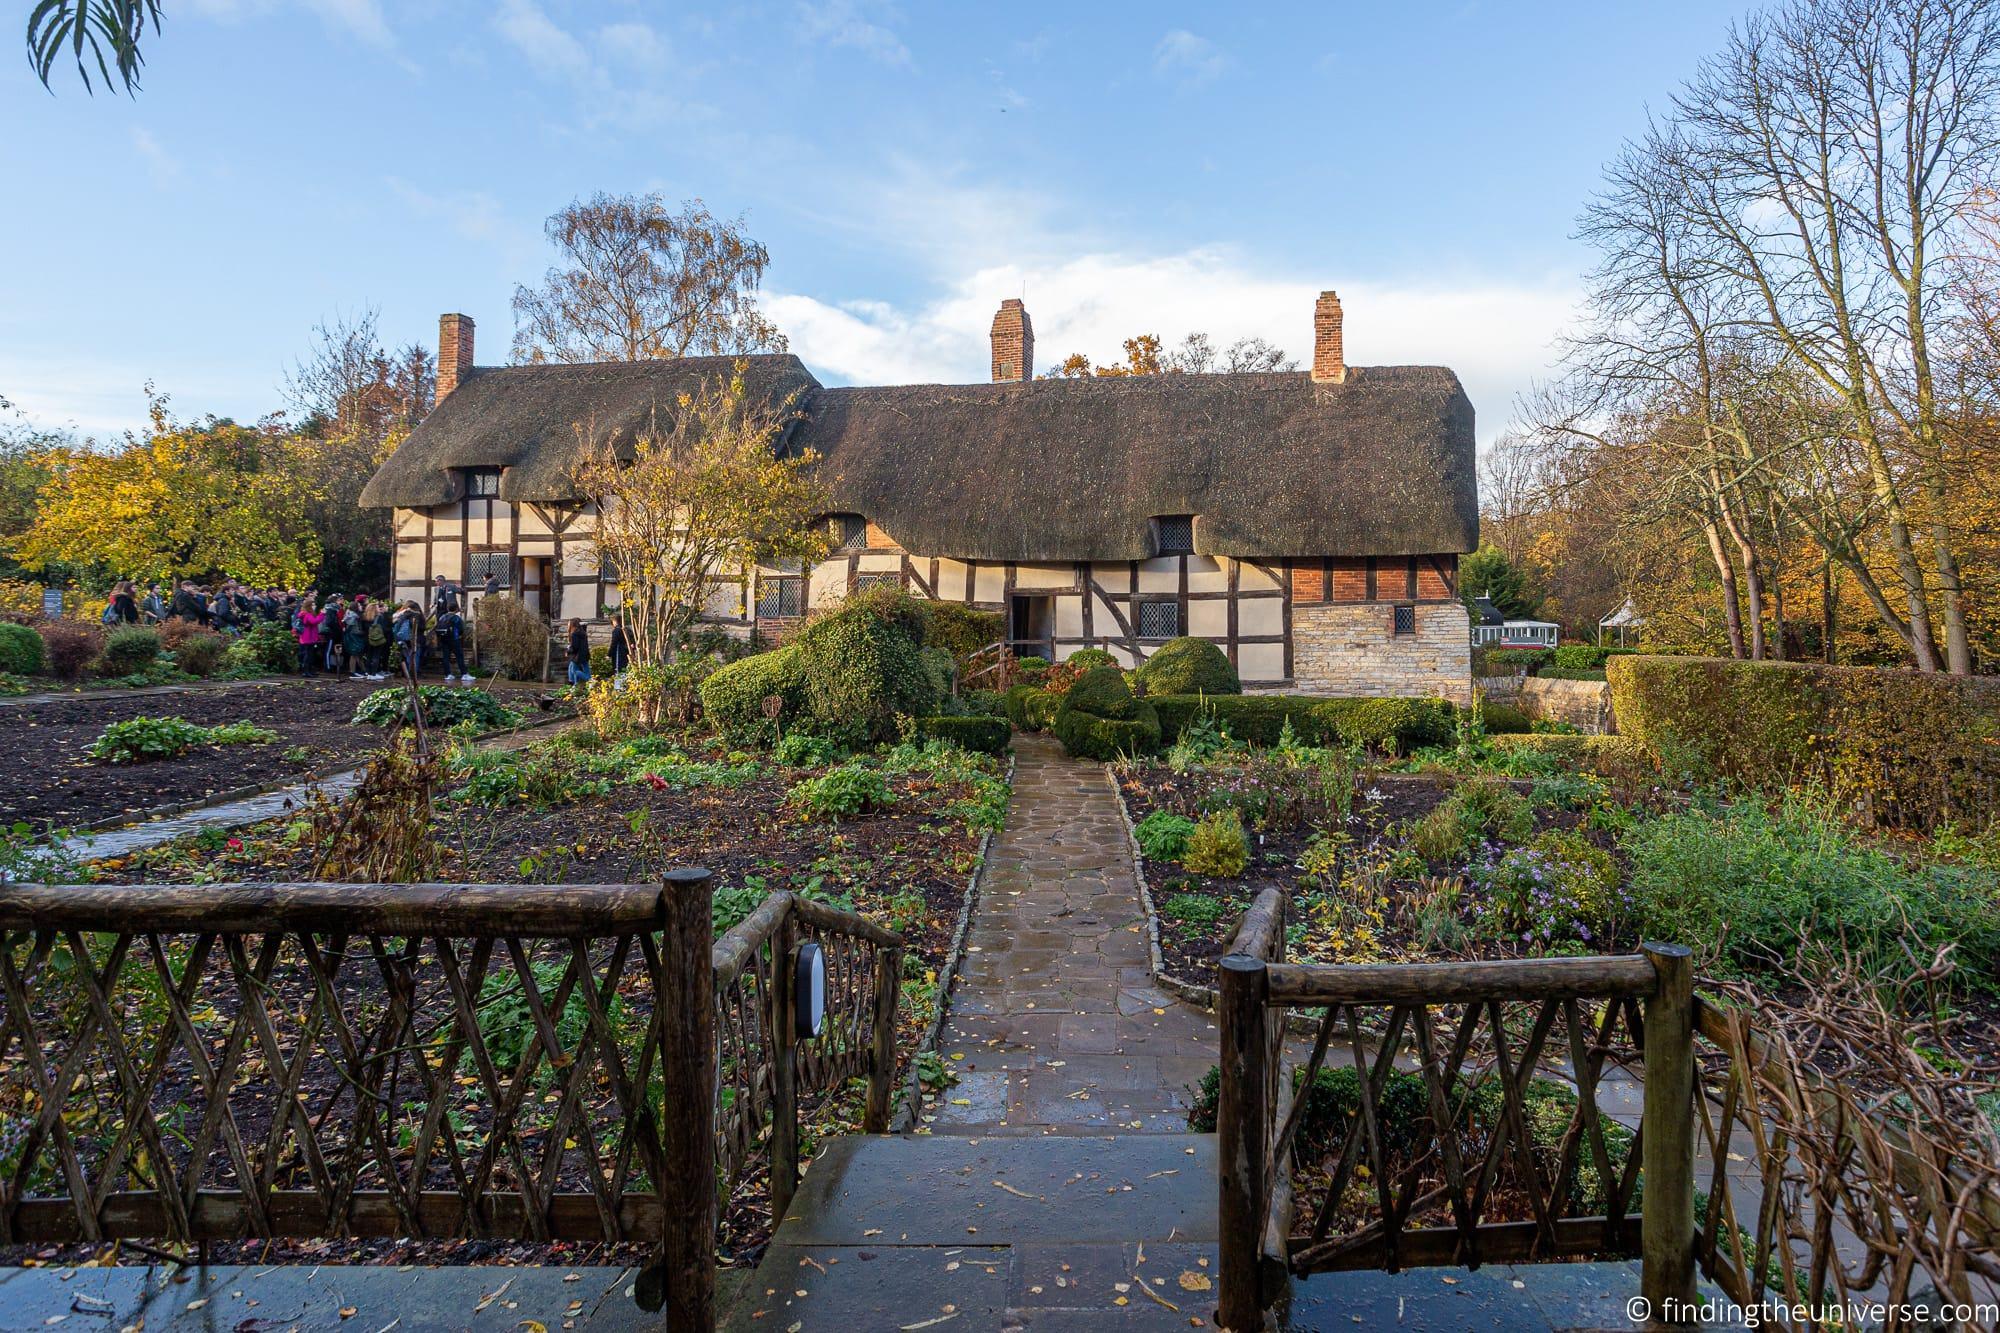 Anne Hathaway's Cottage Stratford-Upon-Avon